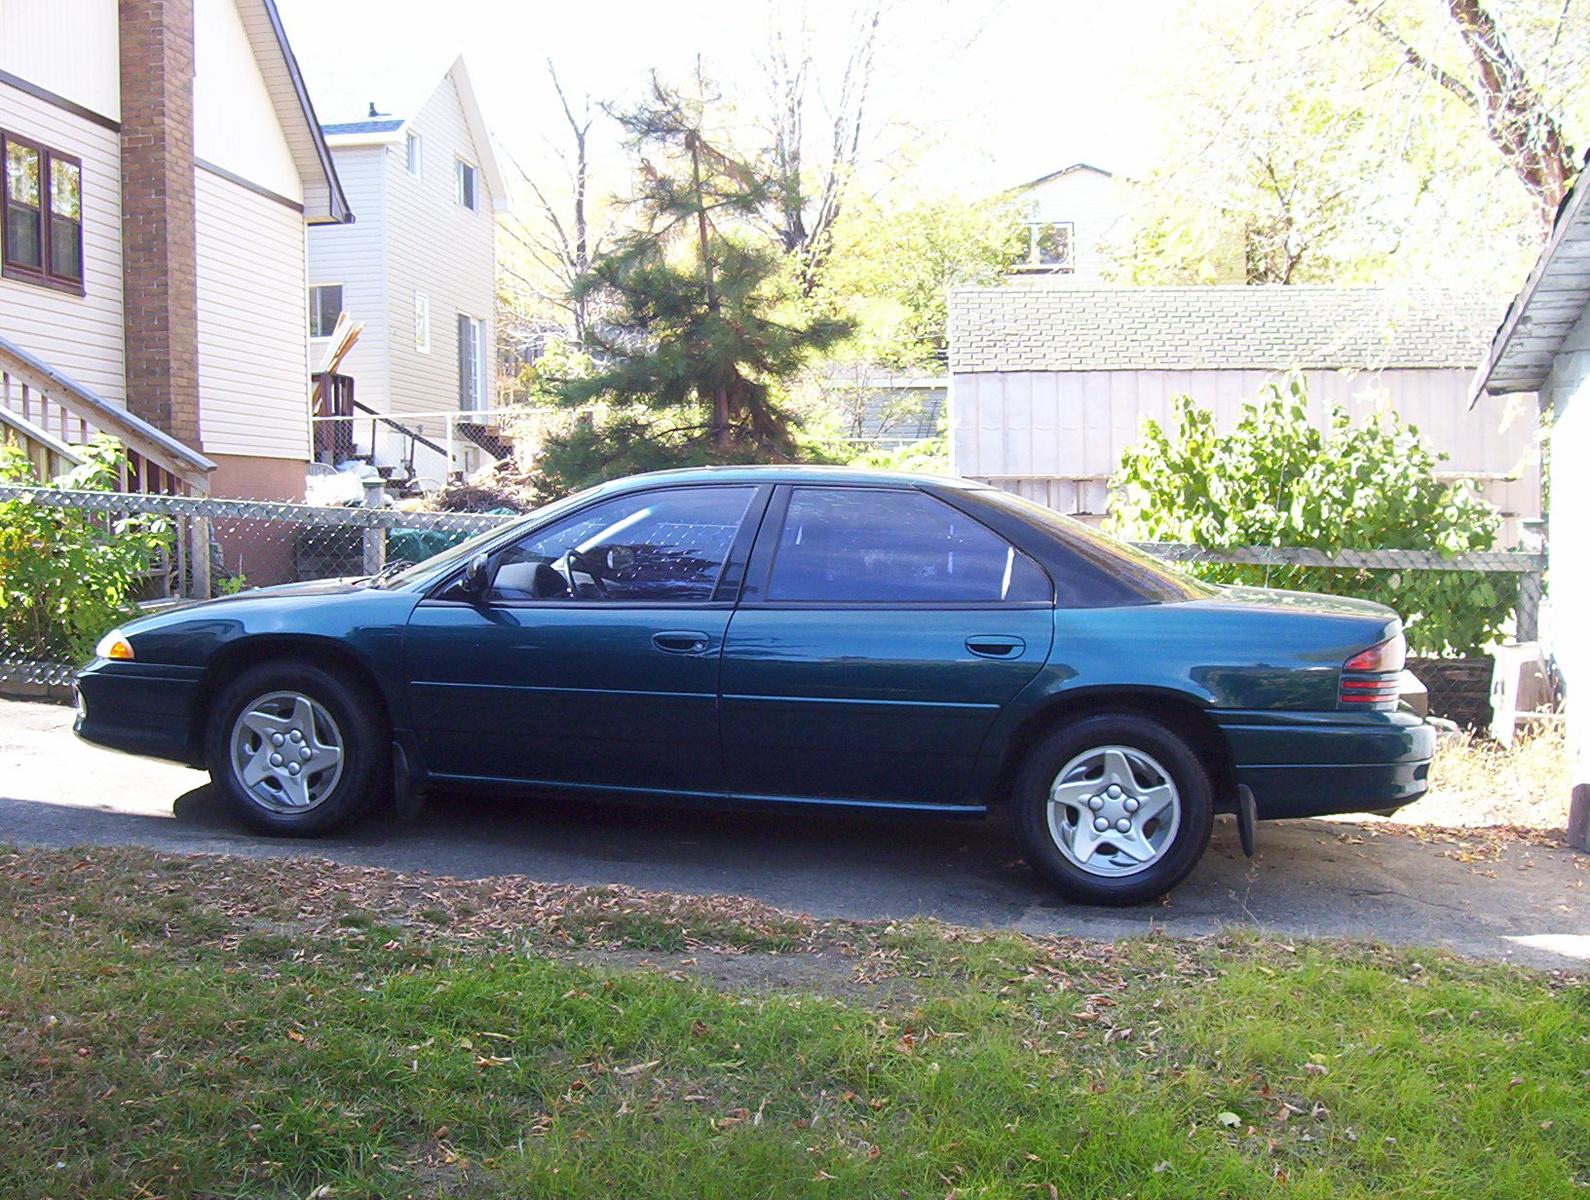 1996 Dodge Intrepid Rims